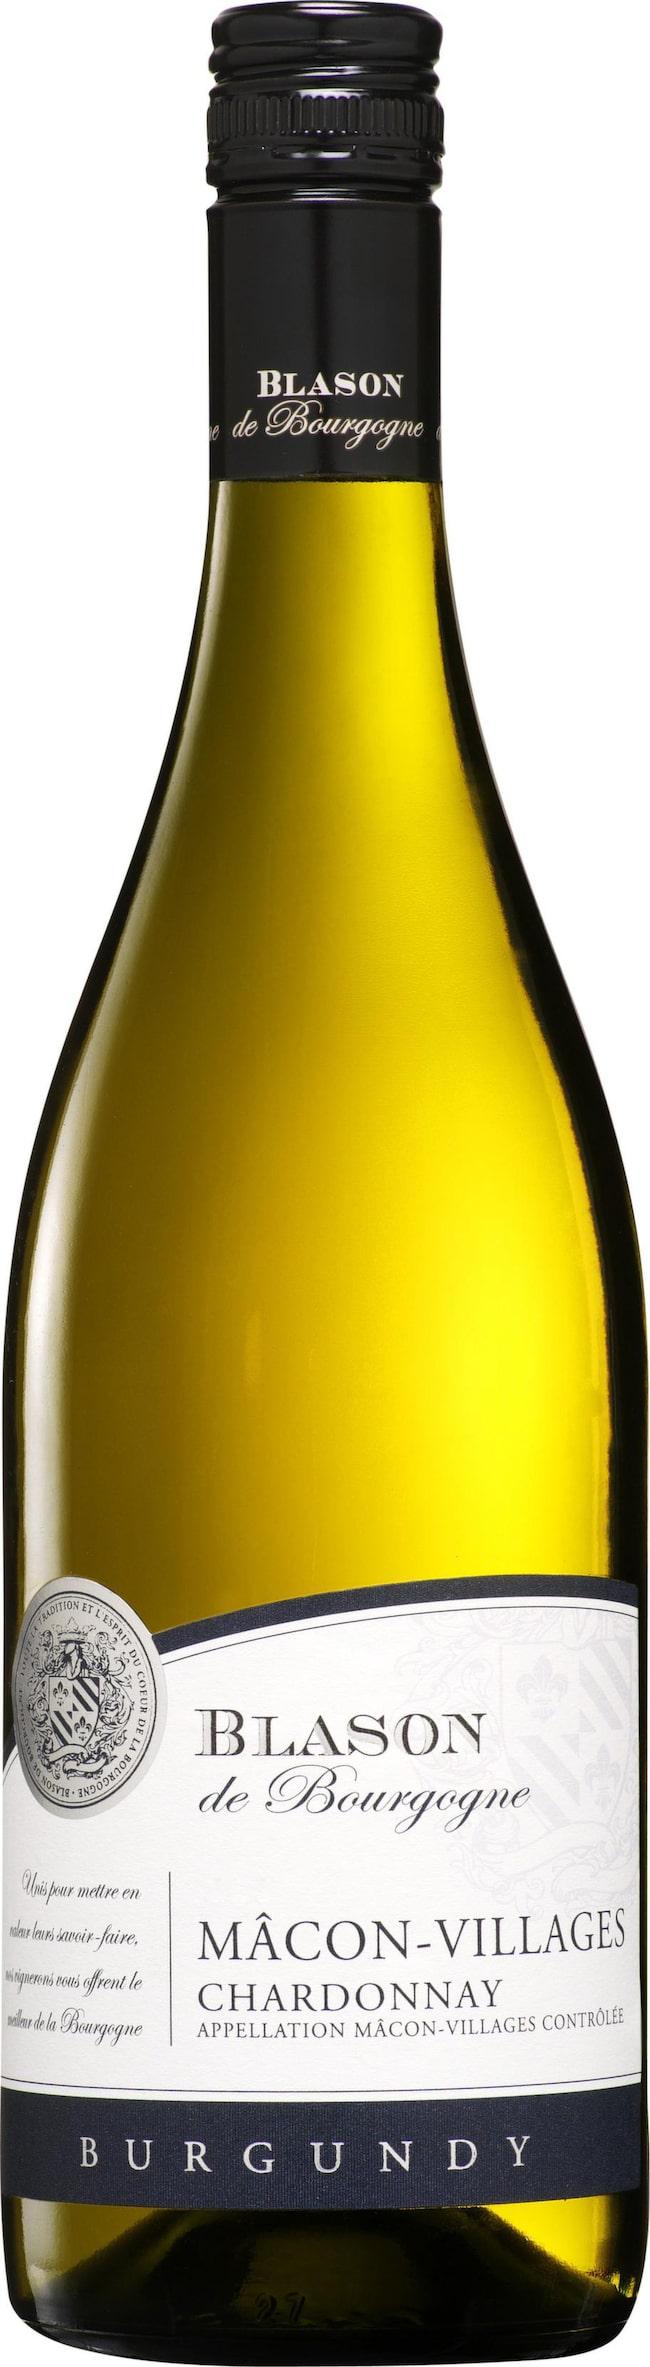 """Blason de Bourgogne Mâcon- Villages Chardonnay 2011 (2295) Frankrike, 77 kronor <br><span class=""""wasp-icon""""></span><span class=""""wasp-icon""""></span><span class=""""wasp-icon""""></span><span class=""""wasp-icon""""></span><span class=""""wasp-icon""""></span><br>Frisk, äpplig frukt med lätt smörigt drag och en frisk, pigg fruktsyra. Utmärkt gott. Gärna till grillad lax med limeaioli."""